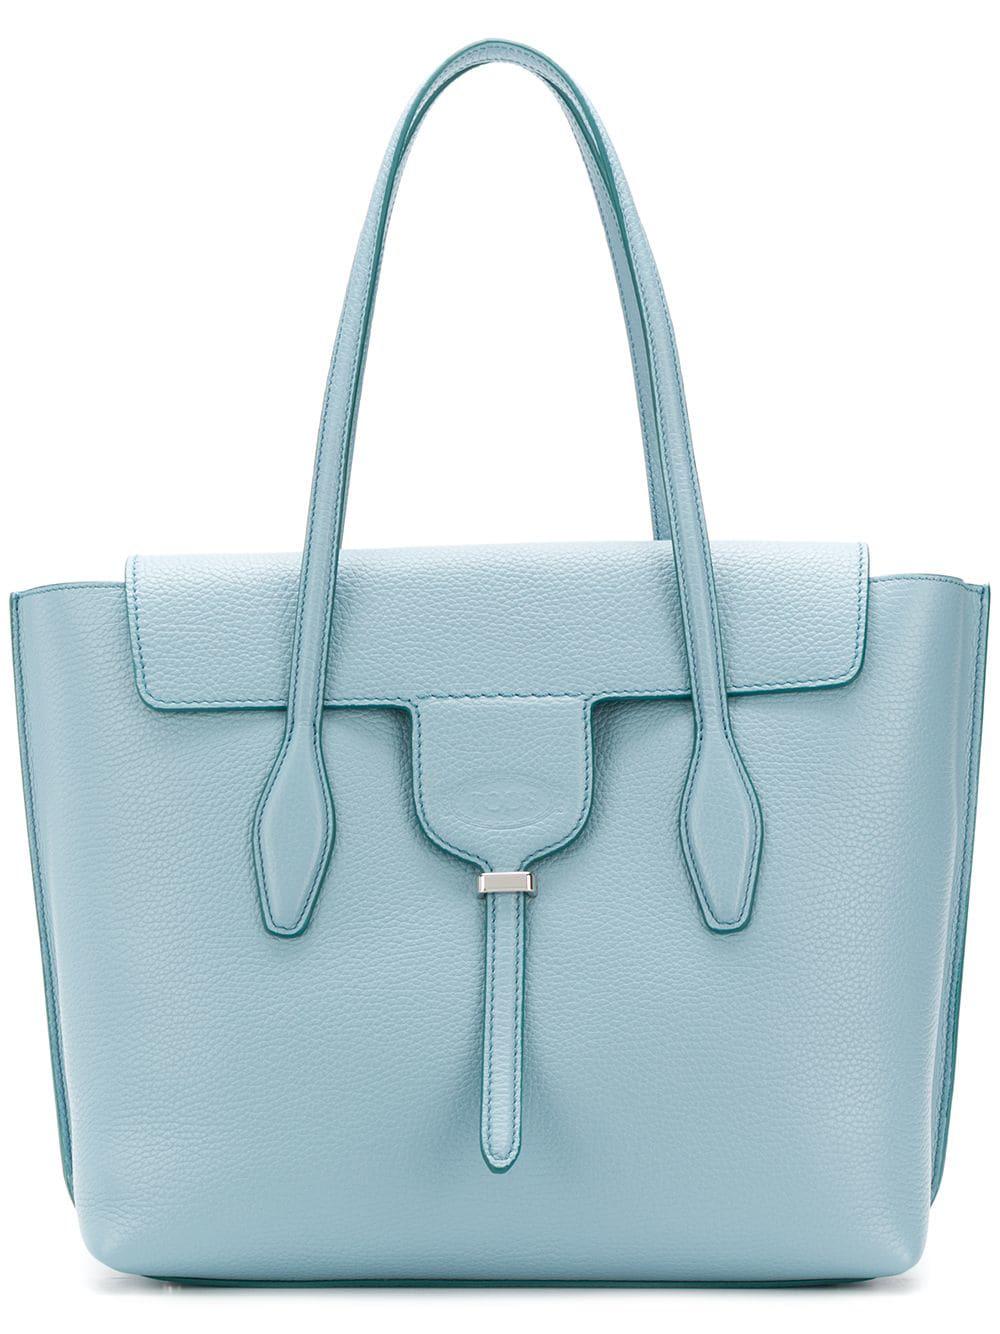 edf1a6e9f Tod's Joy Medium Tote Bag - Blue | ModeSens